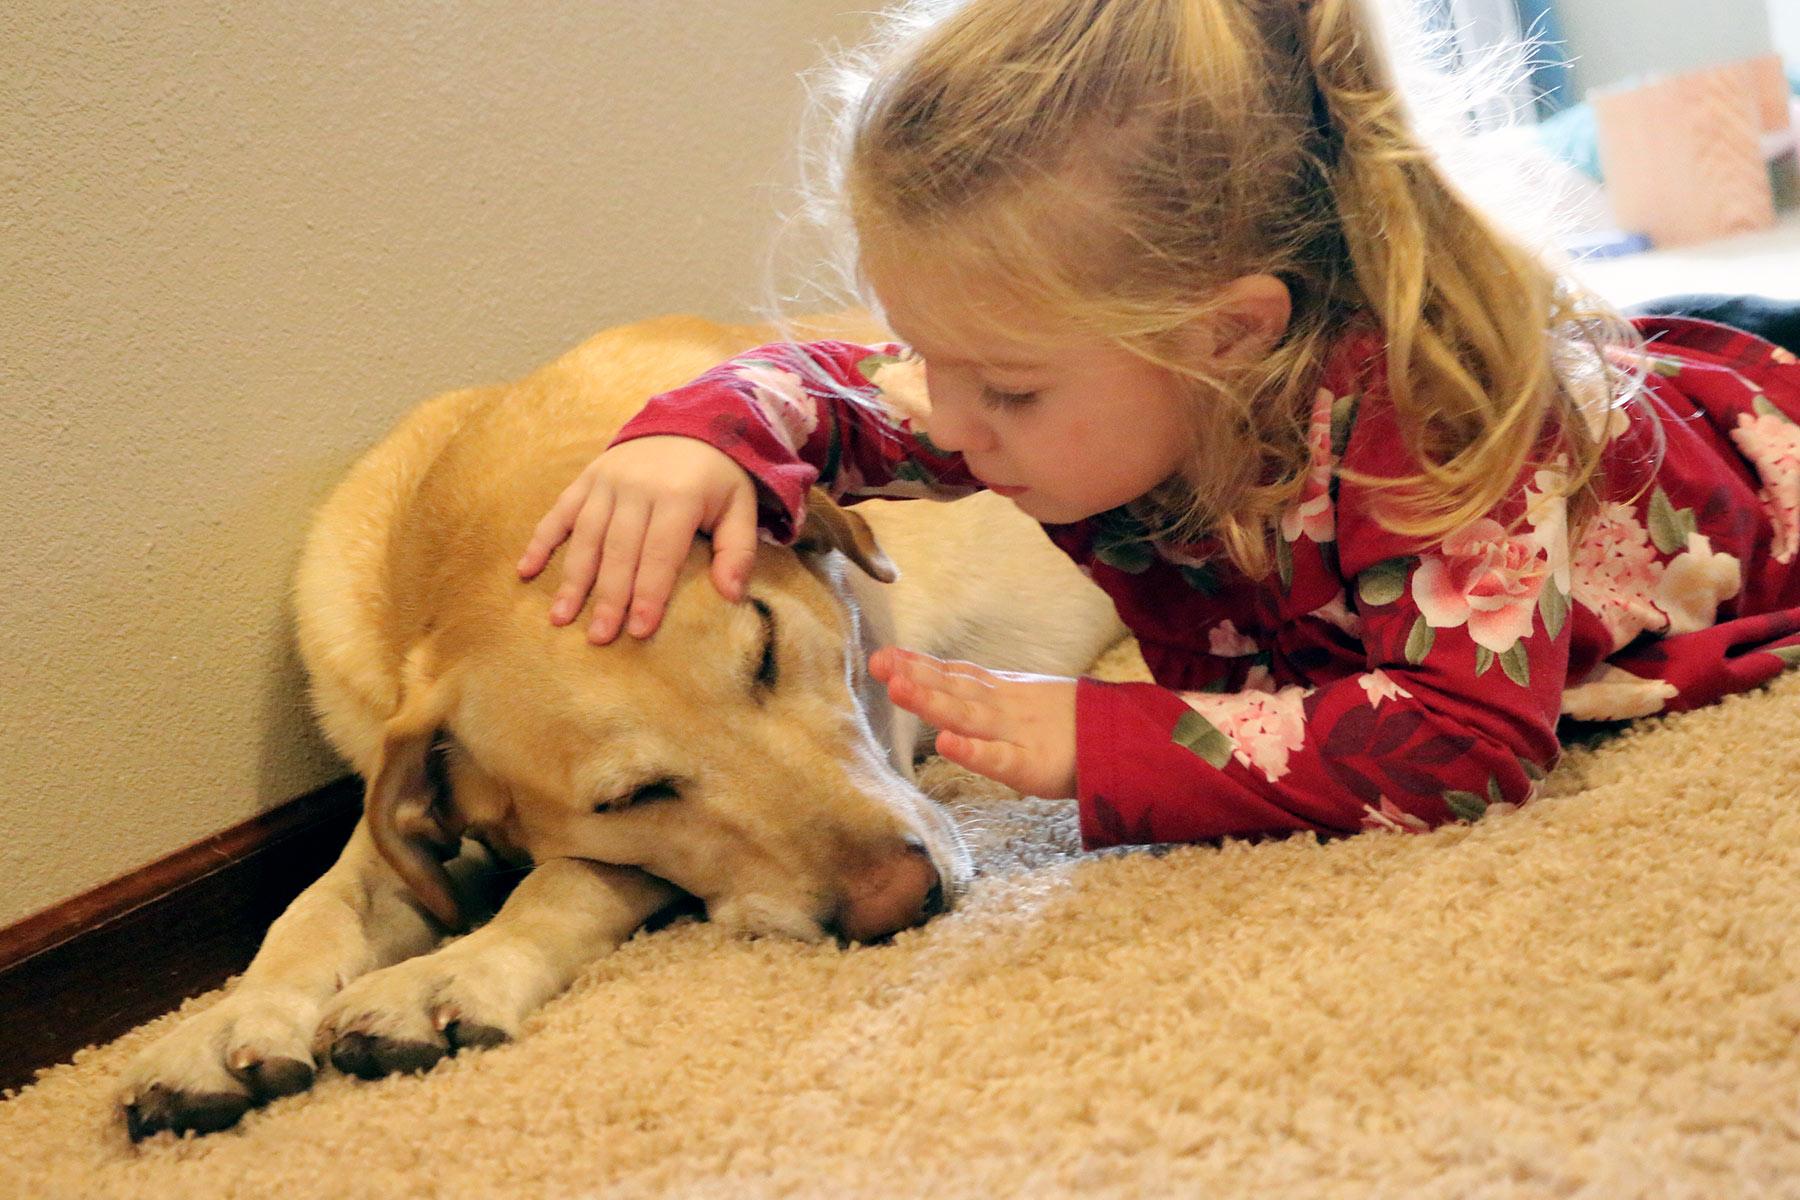 photo of toddler girl petting sleeping pet dog